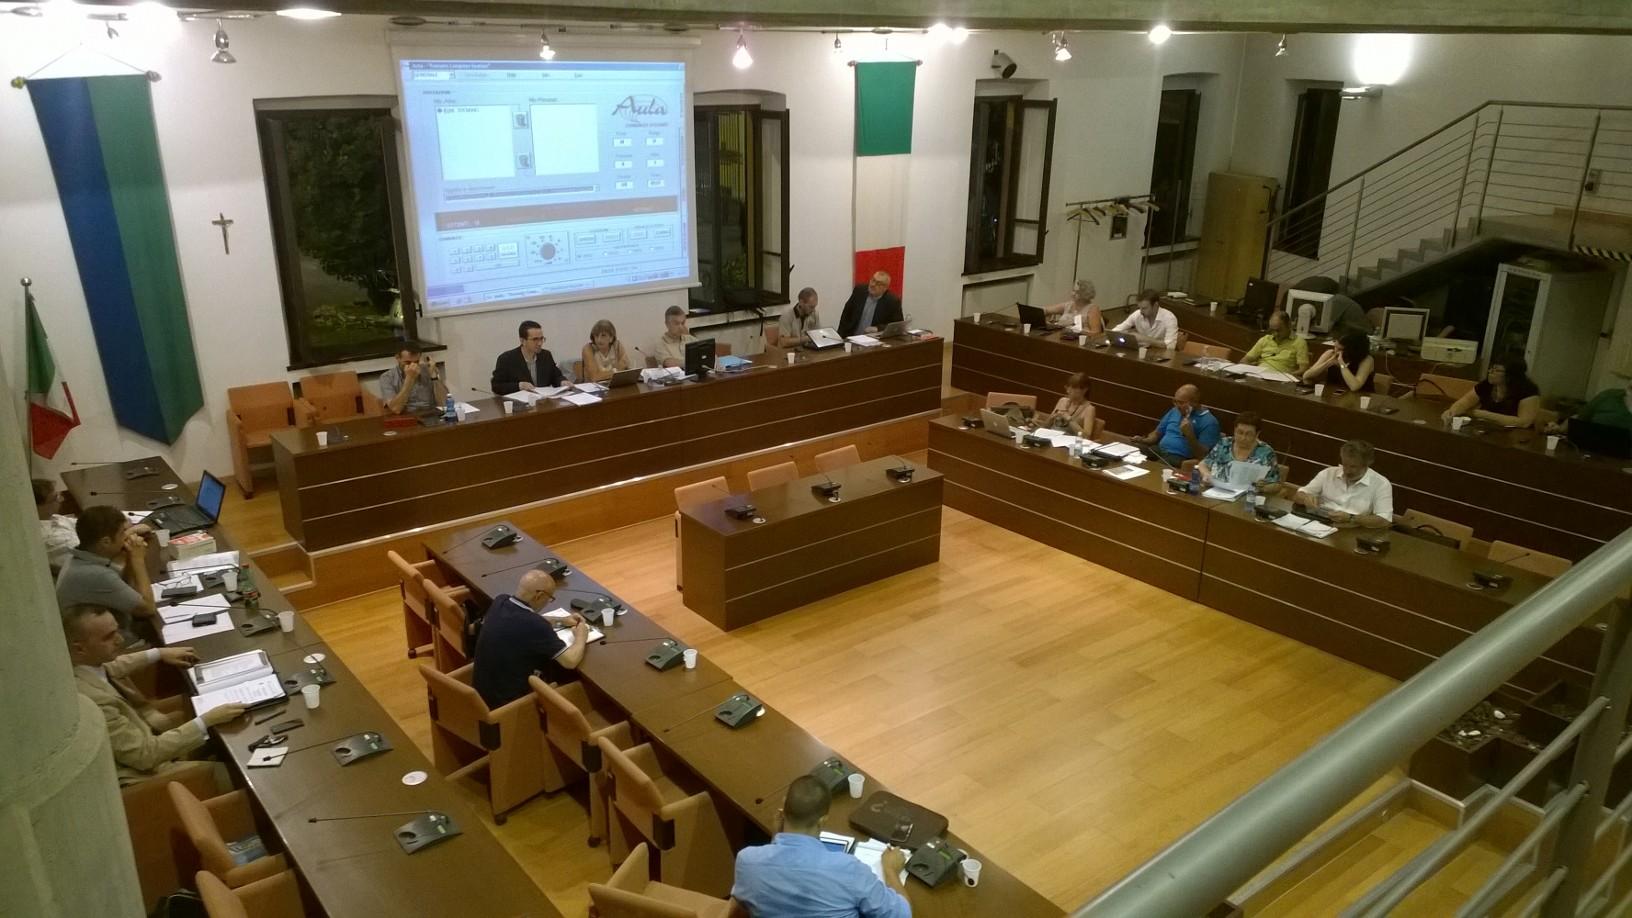 consiglio comunale 27 luglio